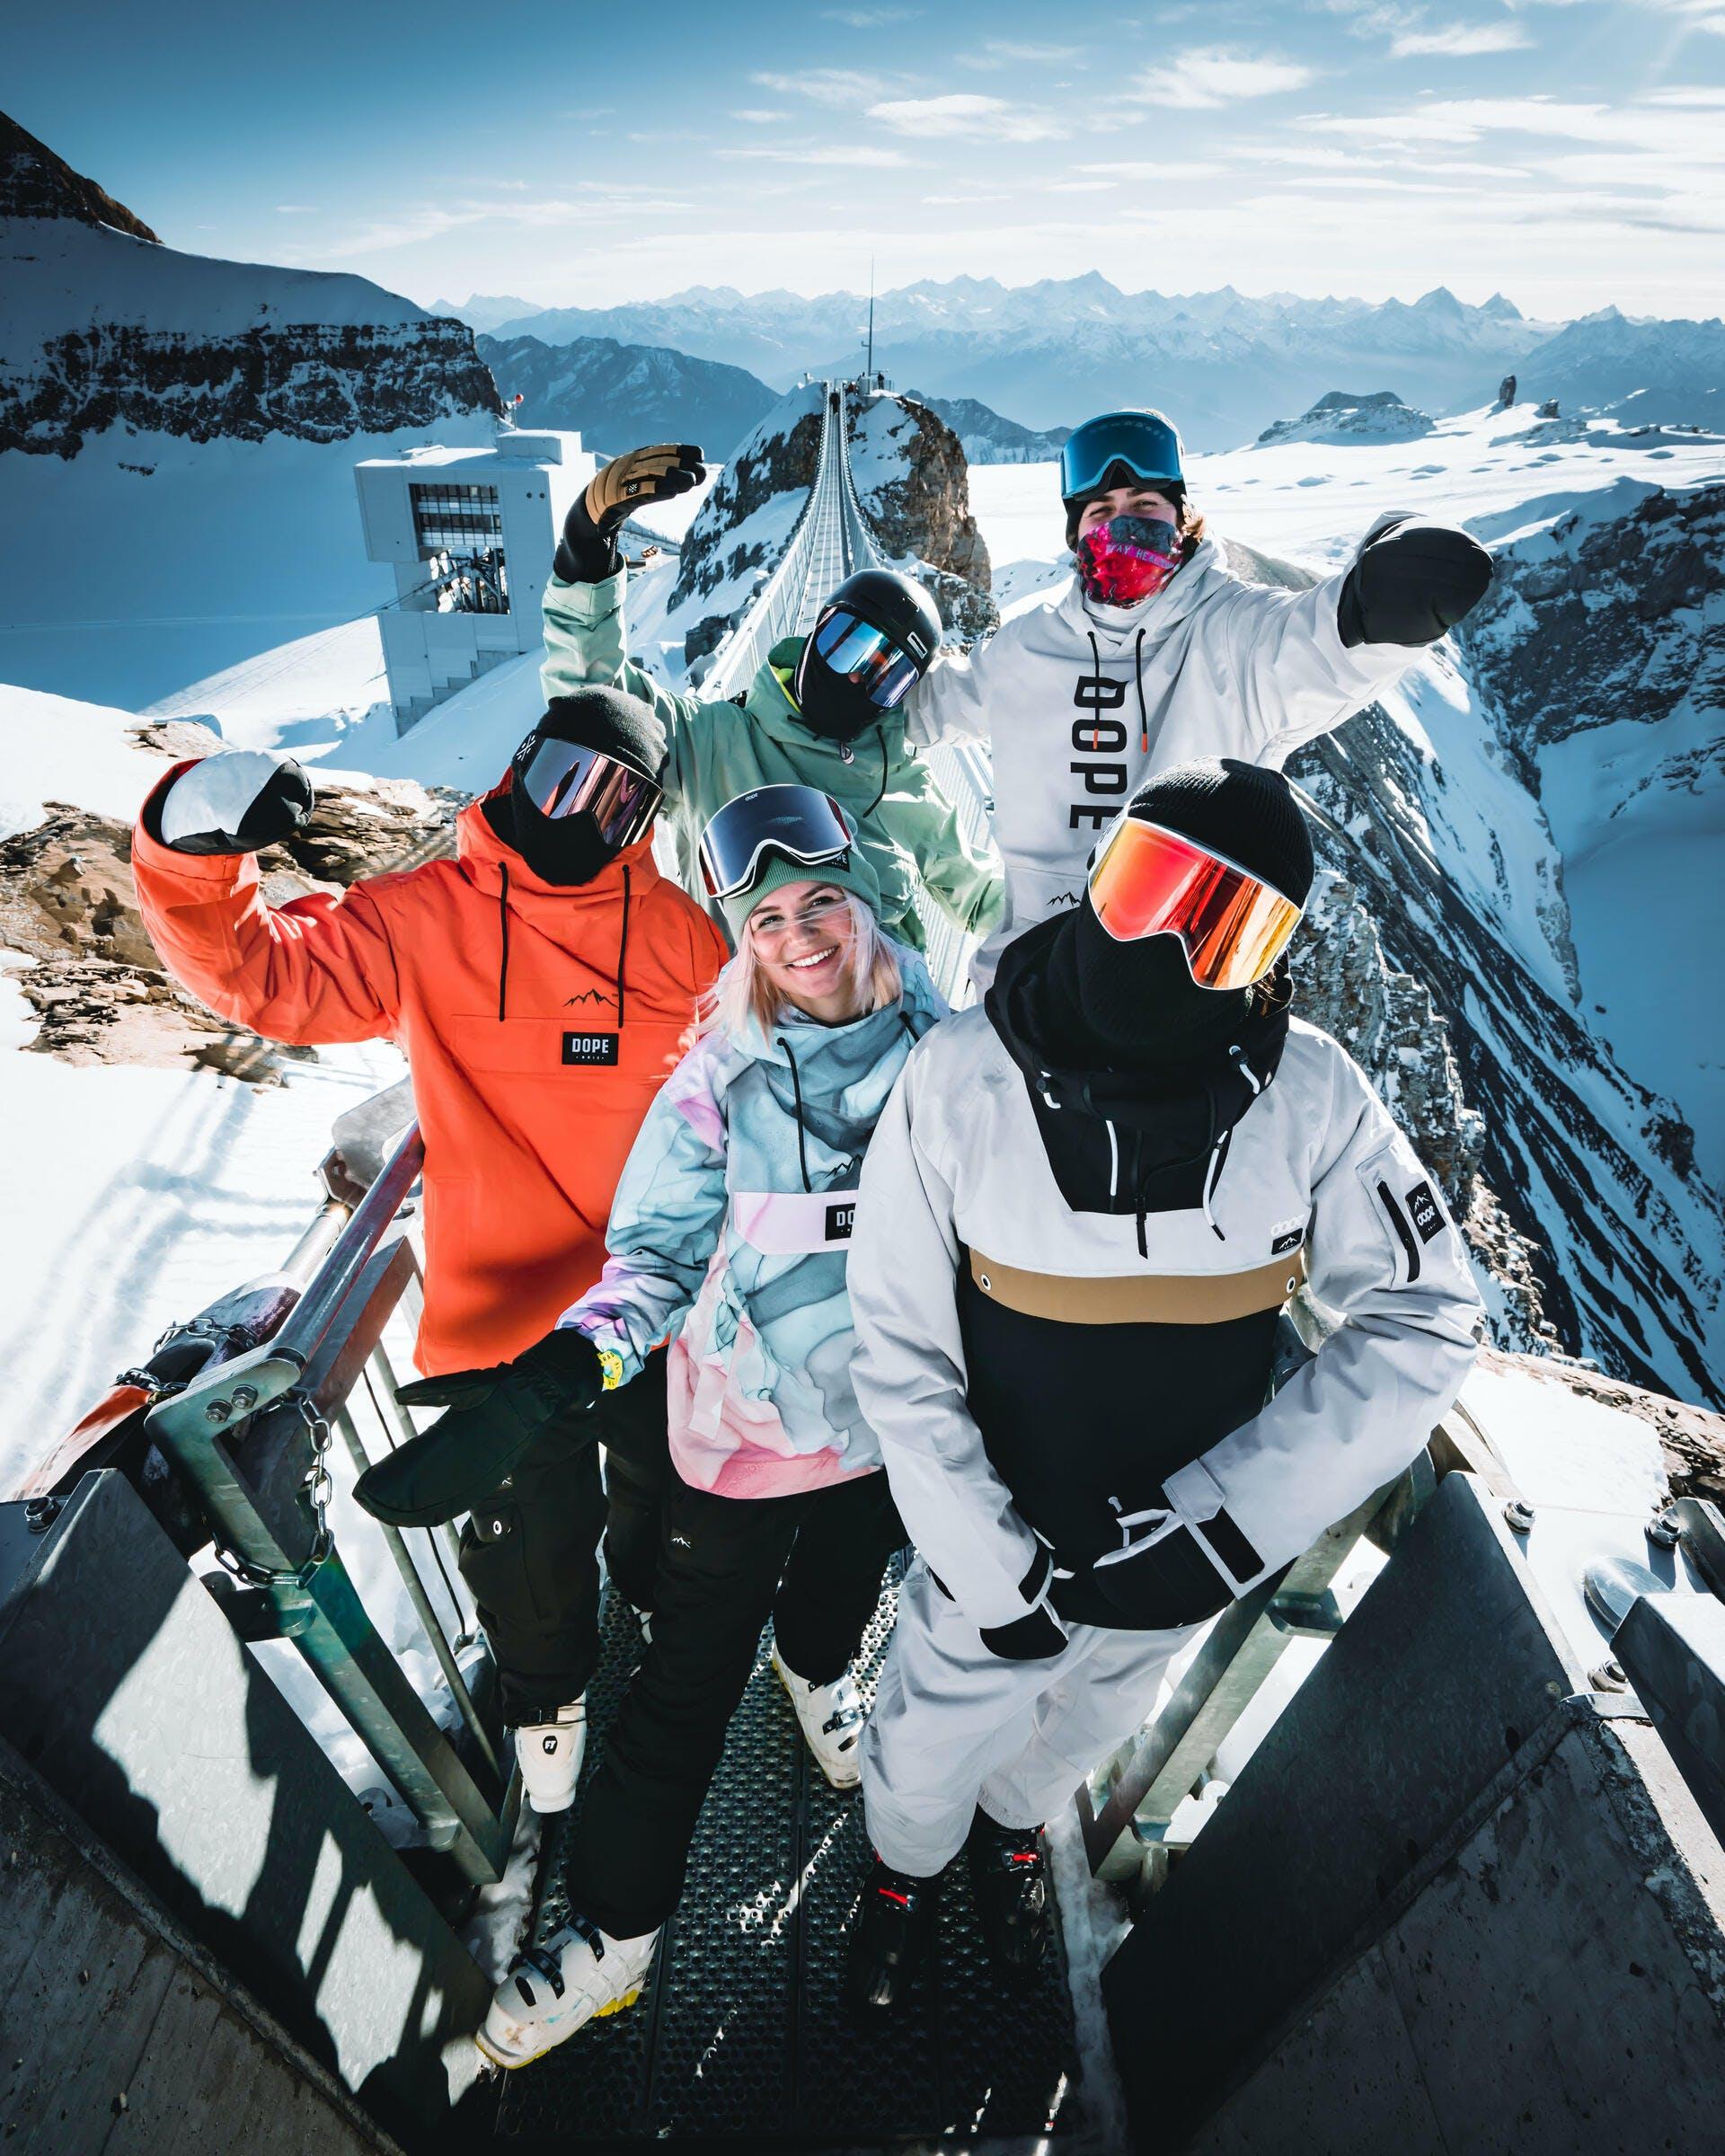 migliori ski resort europa